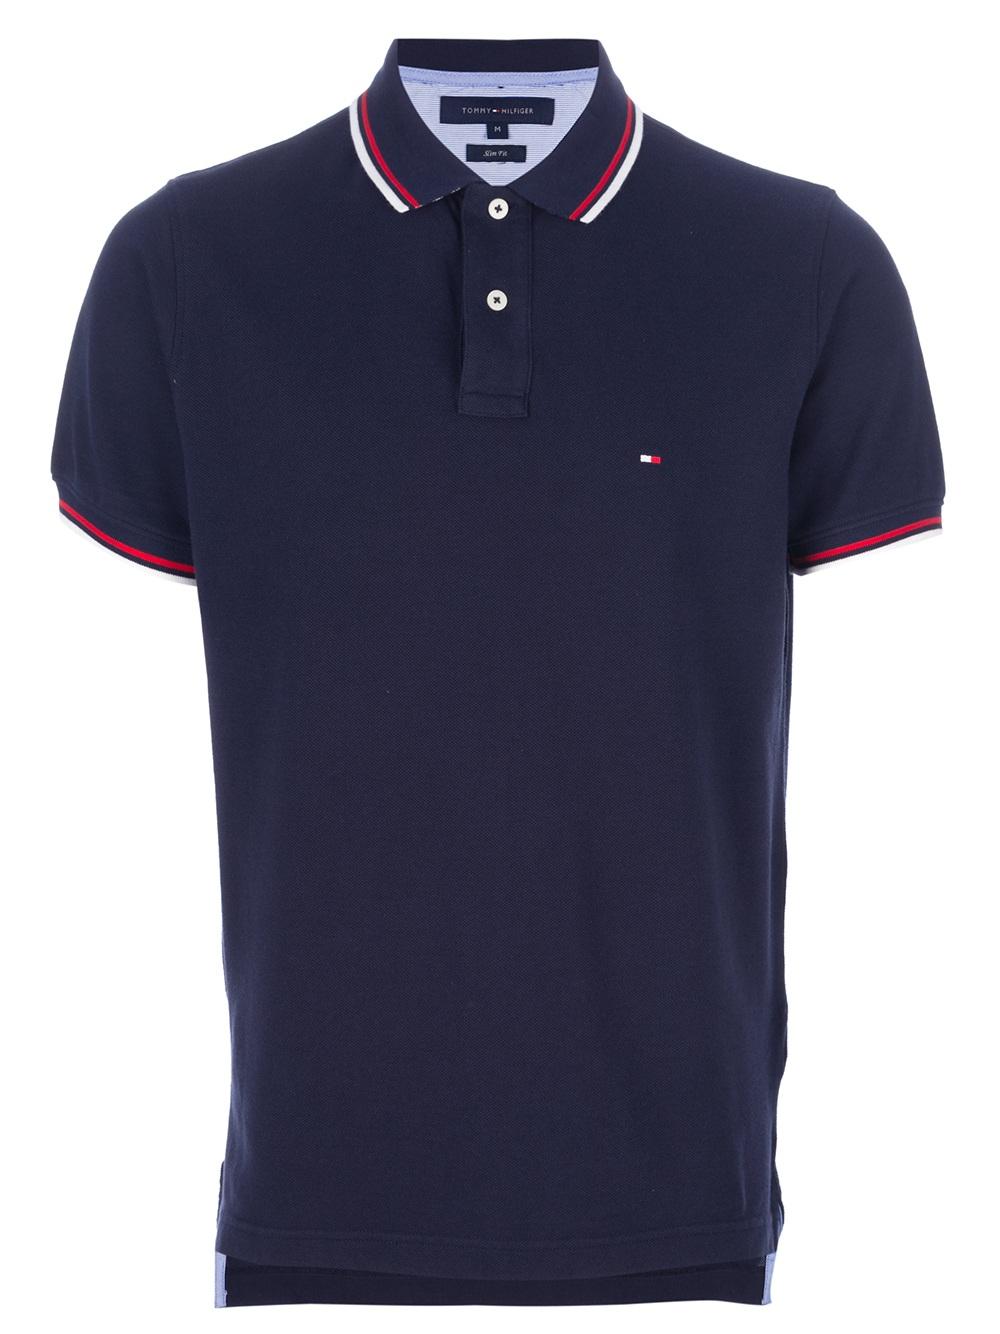 tommy hilfiger contrast trim polo shirt in blue for men lyst. Black Bedroom Furniture Sets. Home Design Ideas